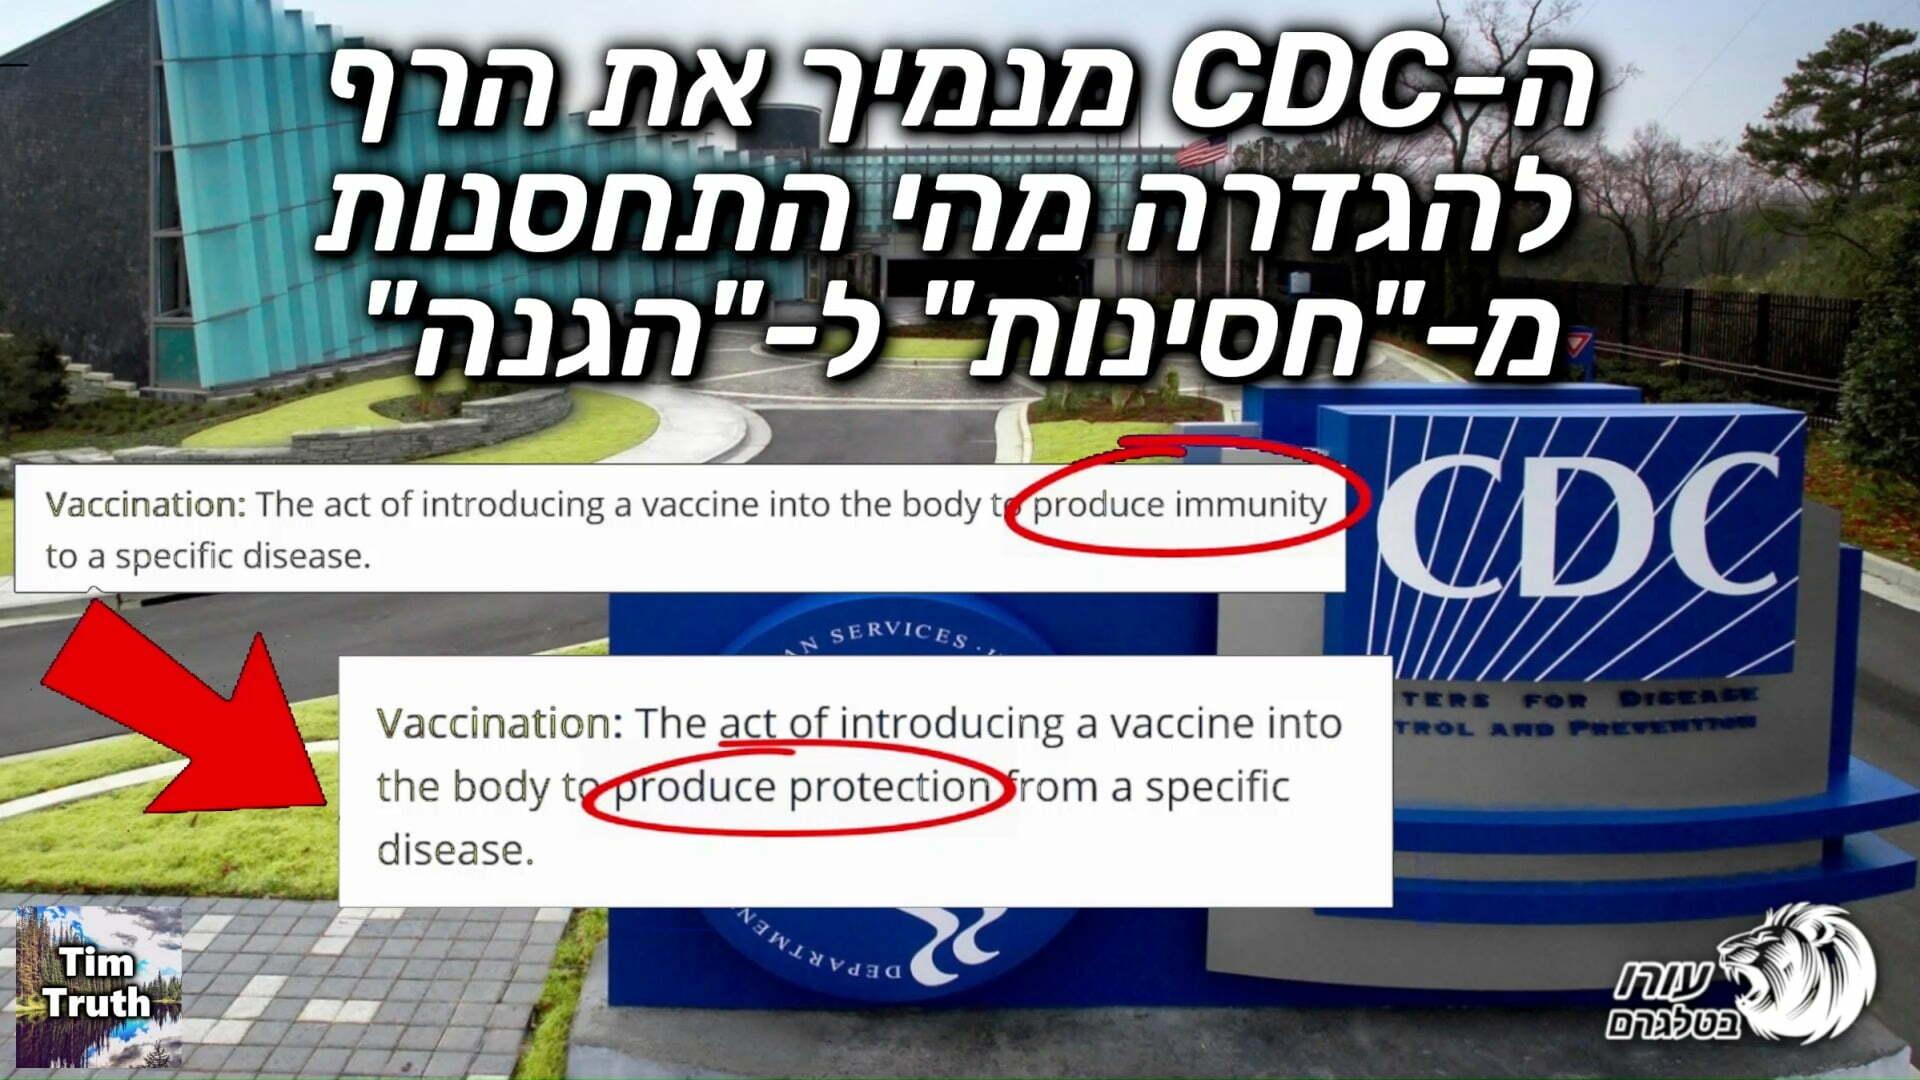 ה-CDC מנמיך את הרף להגדרה מהי התחסנות מחסינות ל-הגנה TIM TRUTH